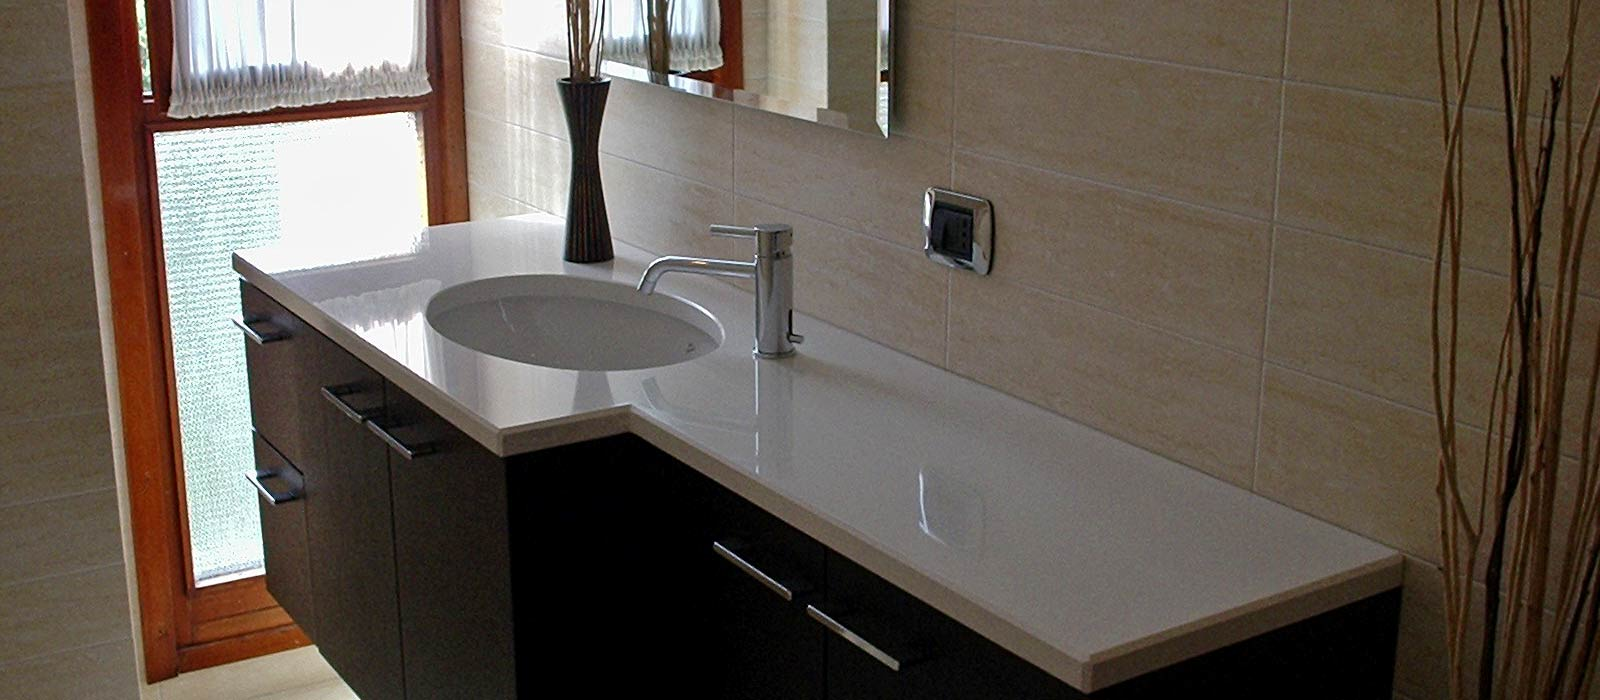 Rifacimento bagno - Impresa edile Della Toffola